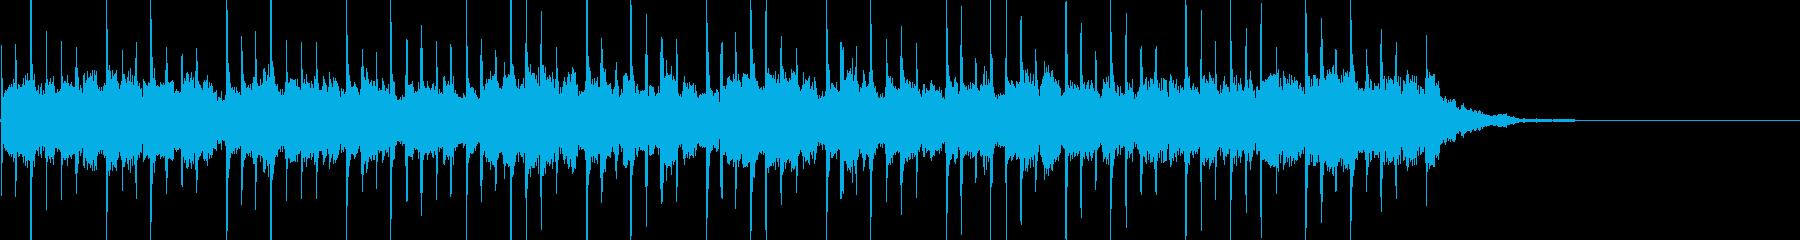 暗く重苦しいシンセサウンド 30秒の再生済みの波形